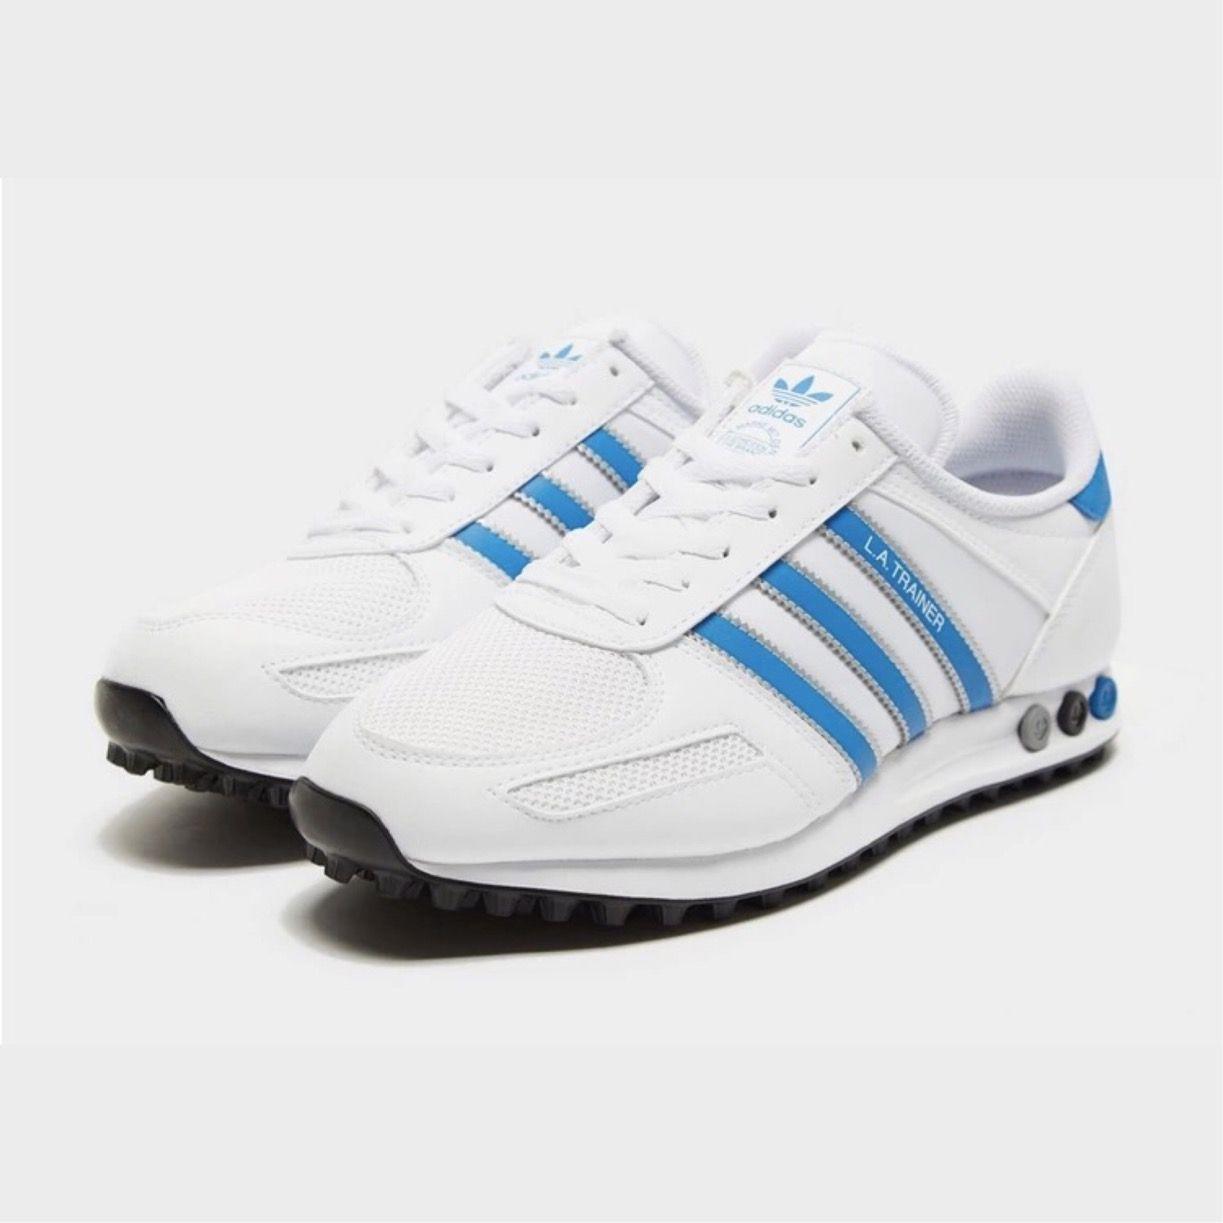 Adidas LA Trainer Exclusive in 2020